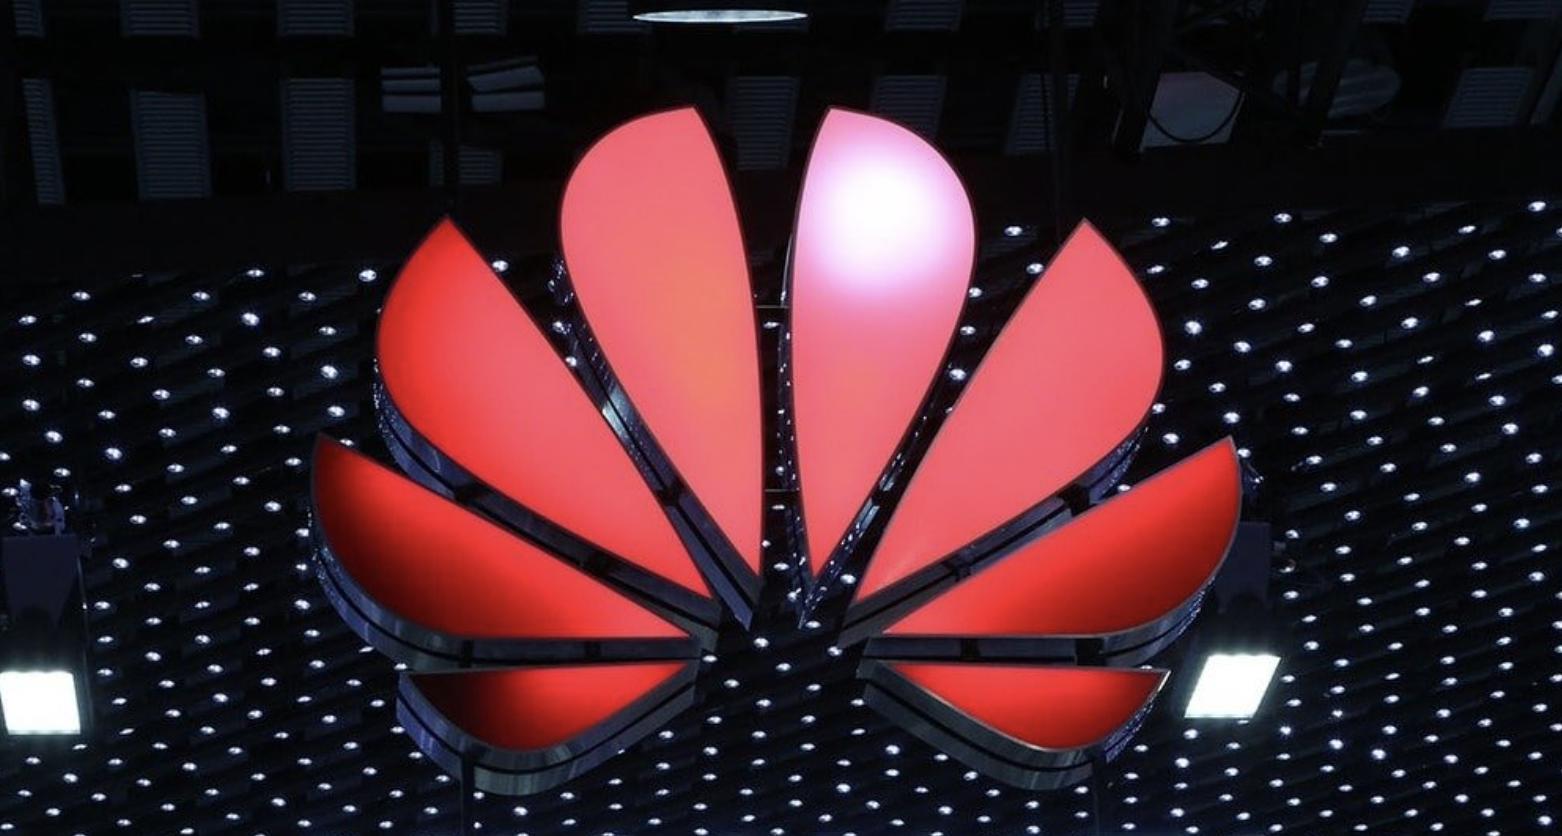 Huawei ma już ponad 100 000 aktywnych patentów, firma publikuje raport o swojej własności intelektualnej